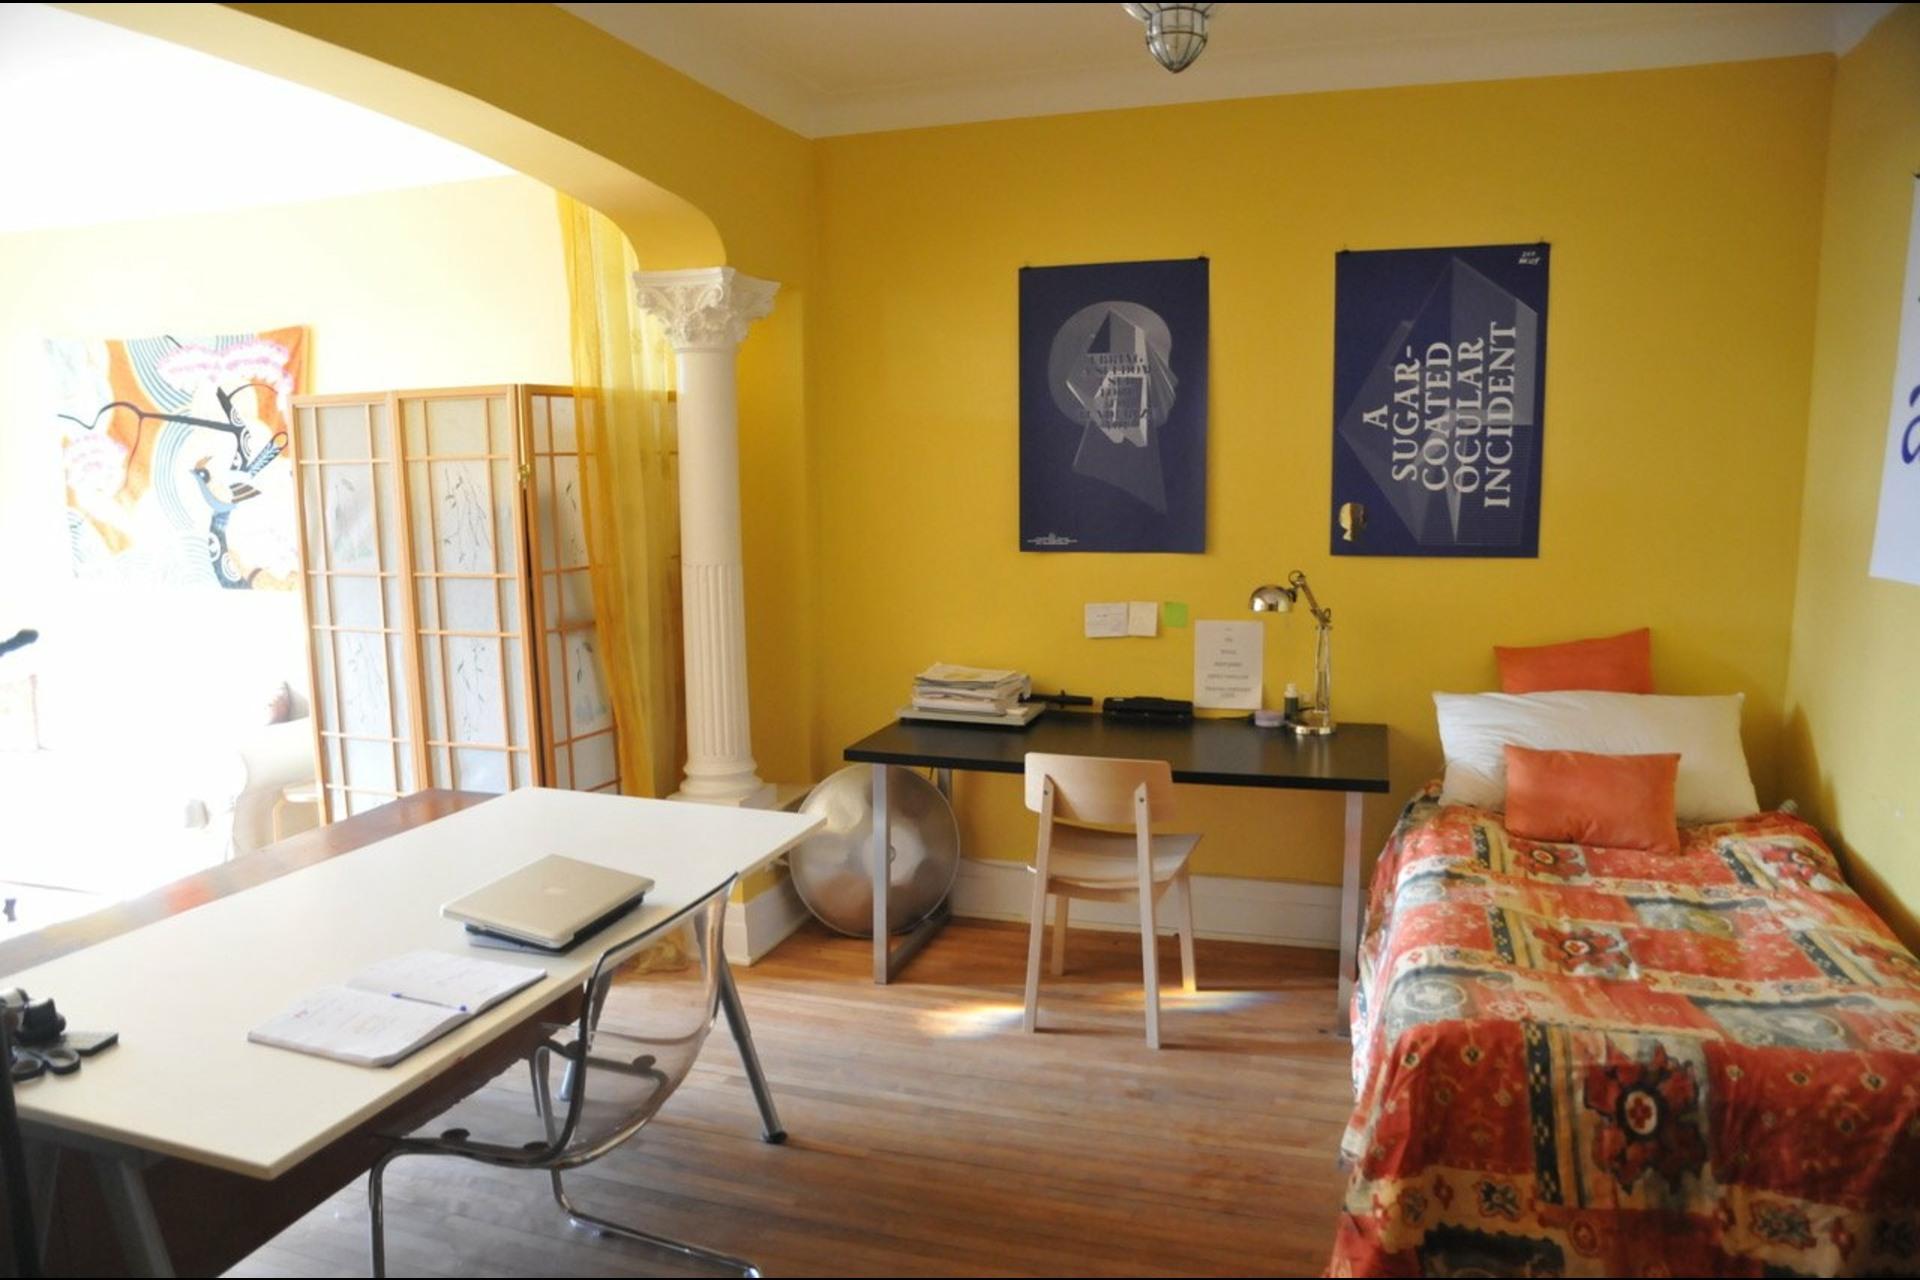 image 17 - Immeuble à revenus À vendre Le Plateau-Mont-Royal Montréal  - 4 pièces